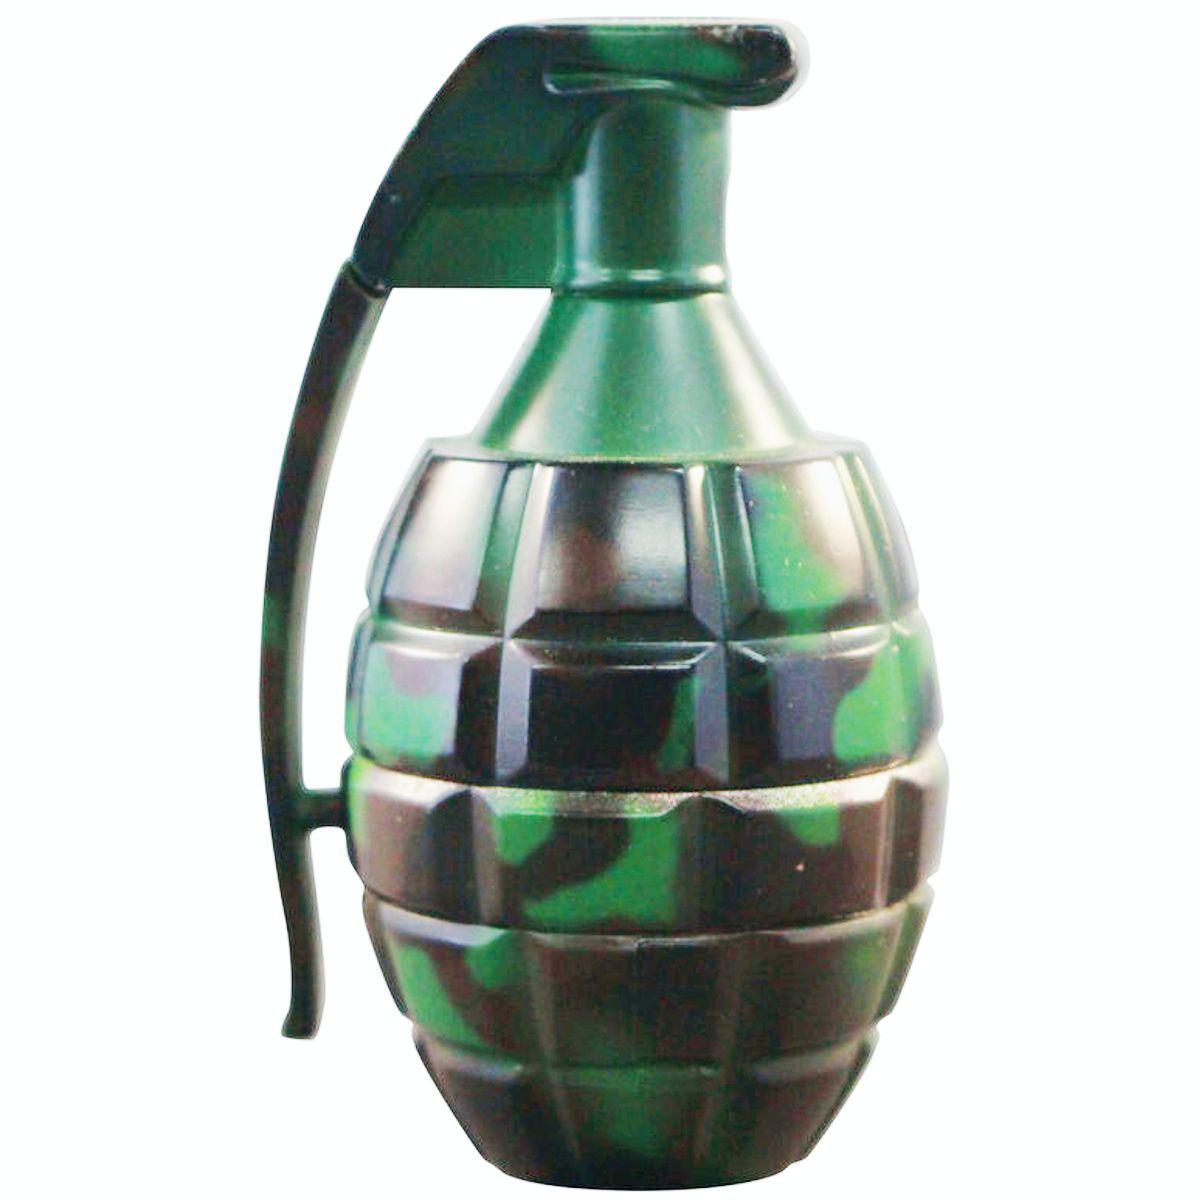 picador granada grinder online